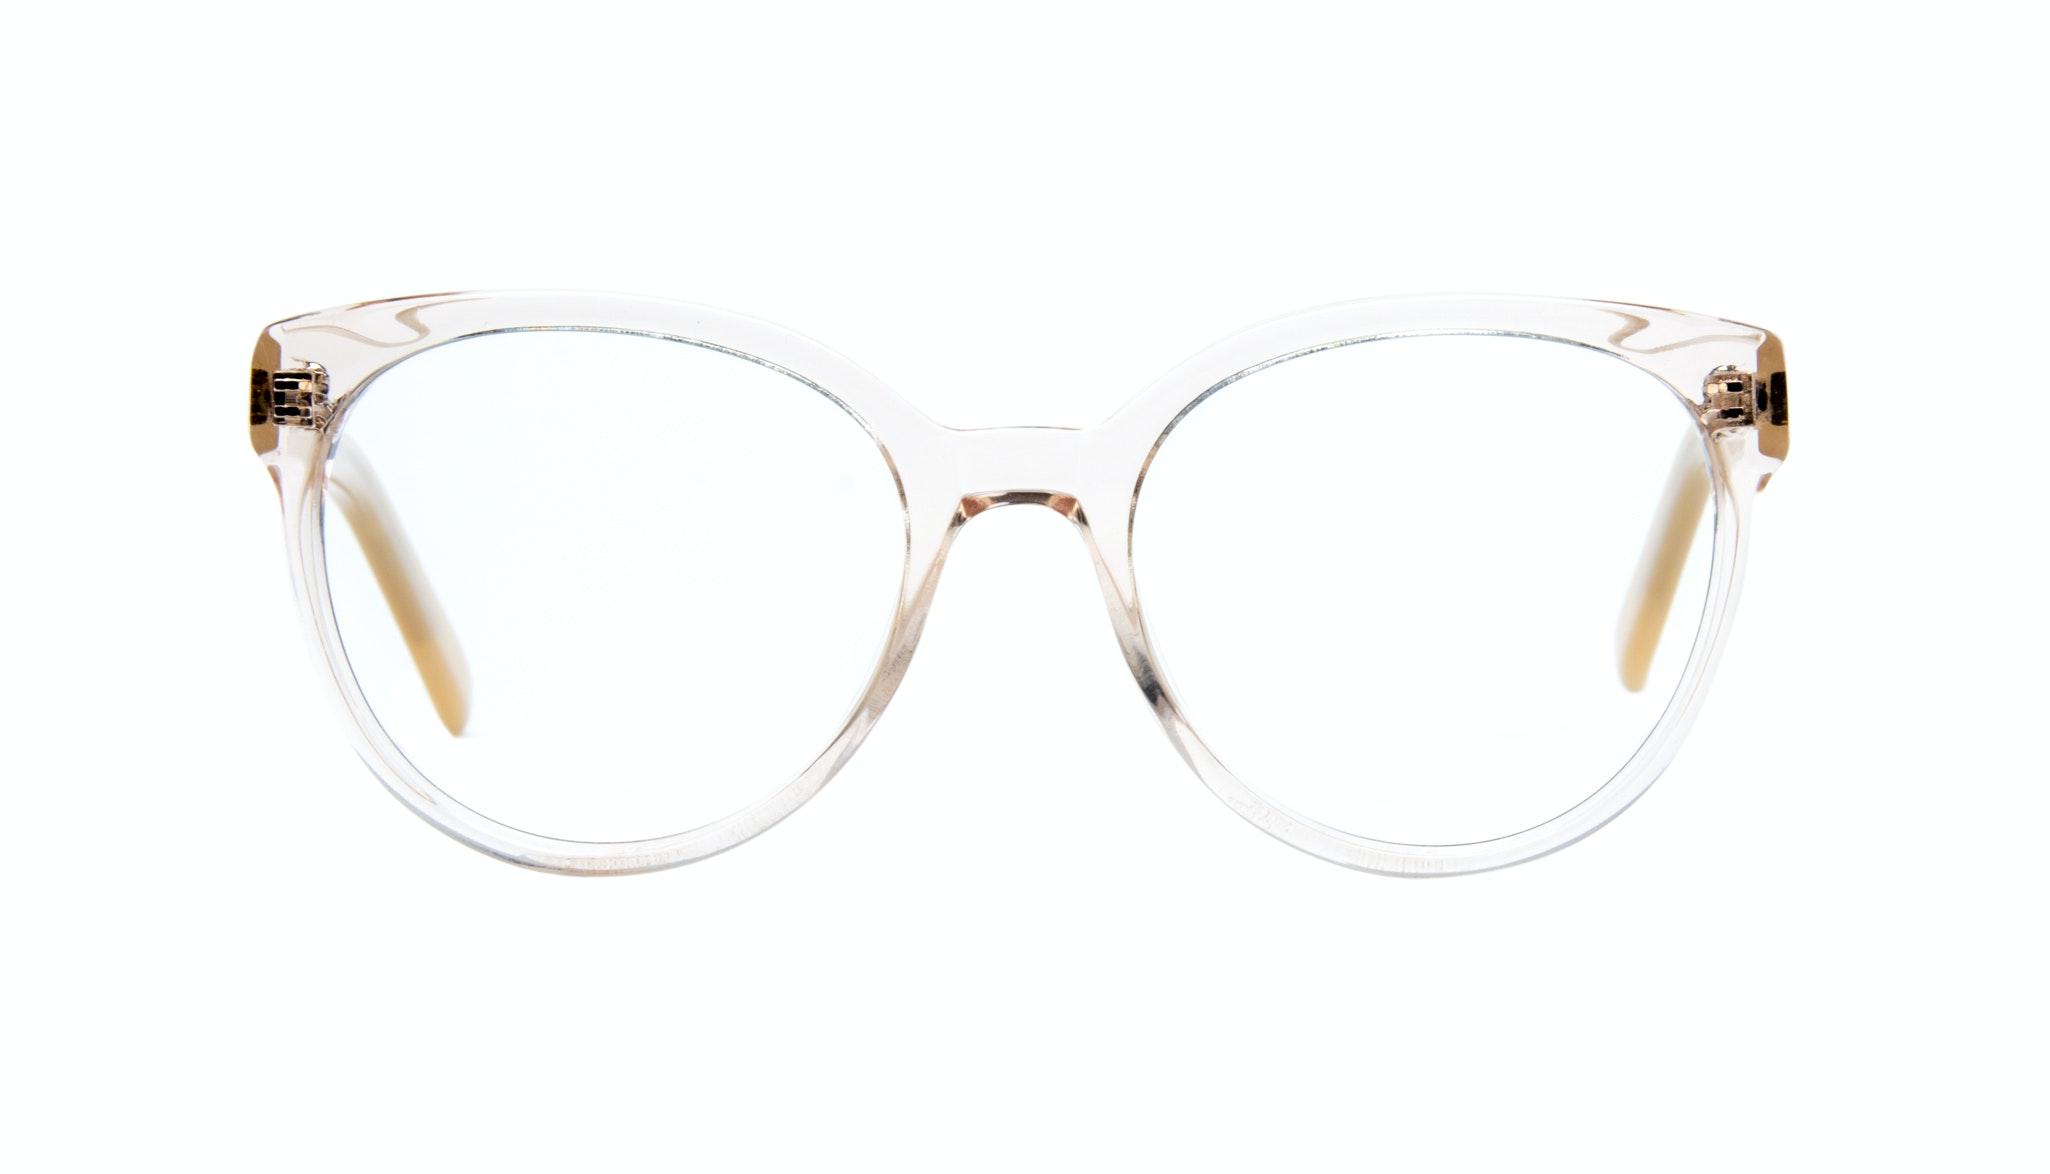 Lunettes tendance Oeil de chat Ronde Optiques Femmes Eclipse Blond Metal